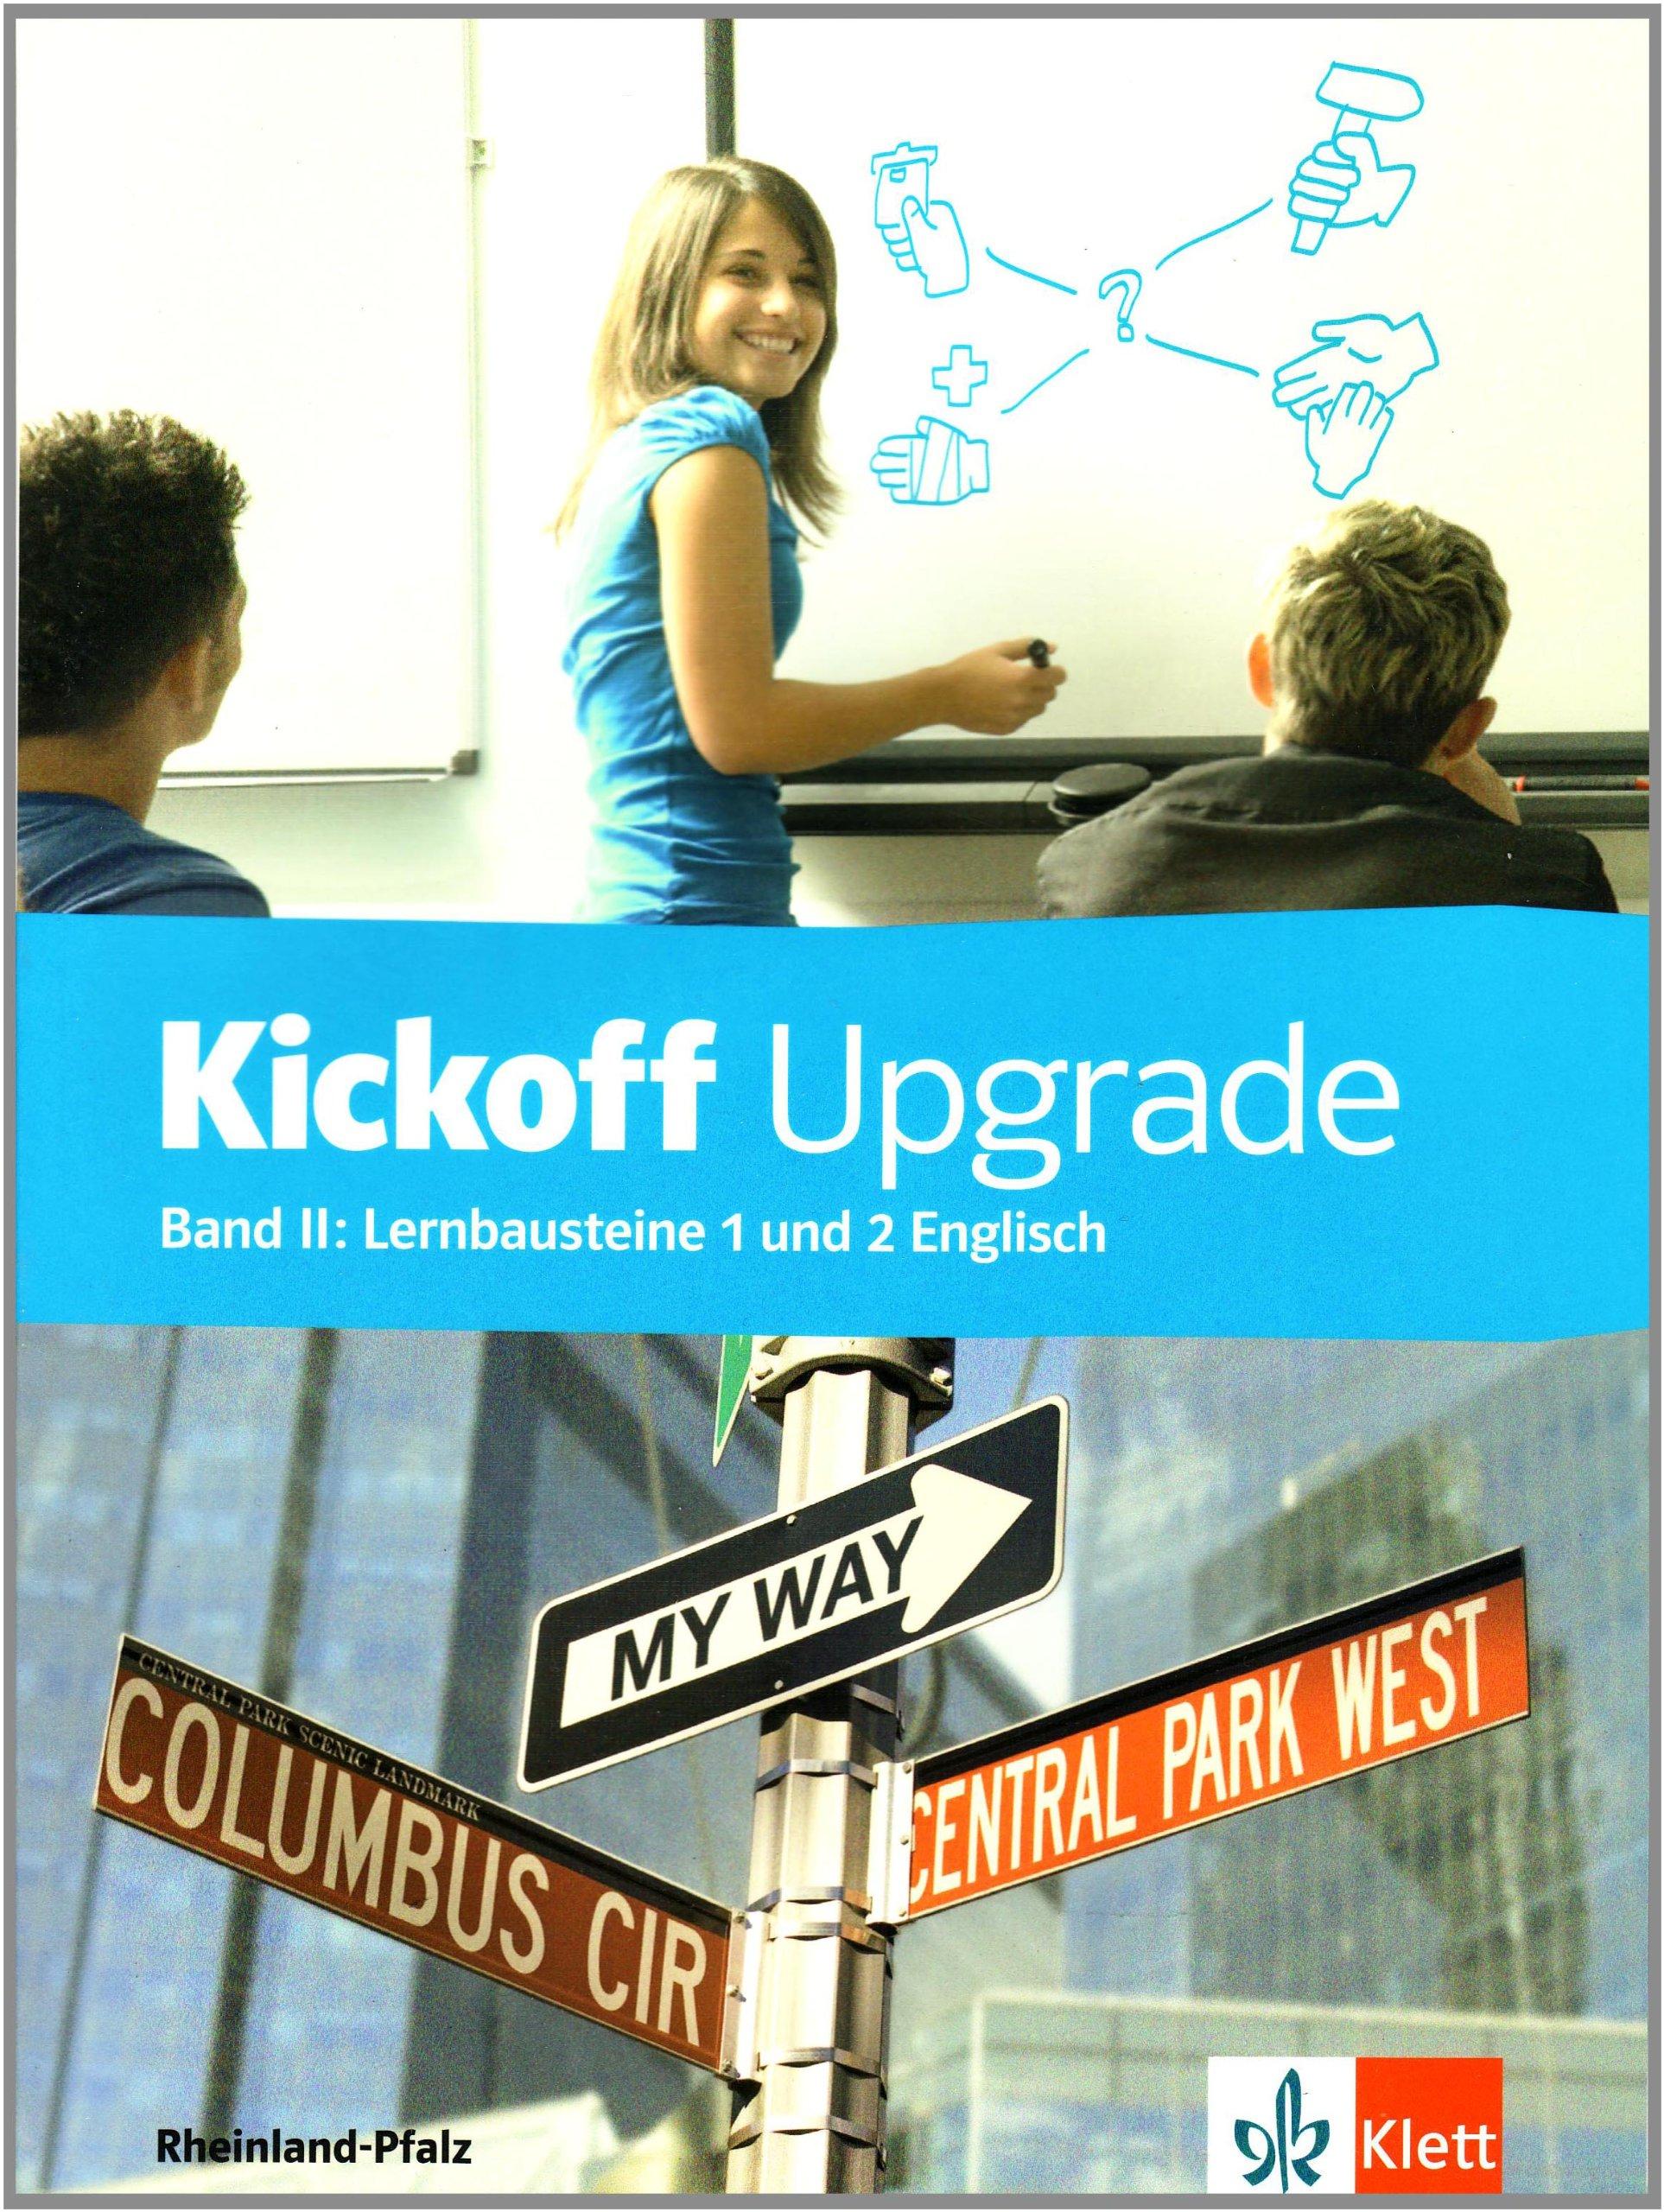 Kickoff / Ausgabe für Rheinland-Pfalz: Kickoff / Upgrade - Schülerbuch mit Lösungen: Ausgabe für Rheinland-Pfalz / Lernbausteine 1 und 2 Englisch